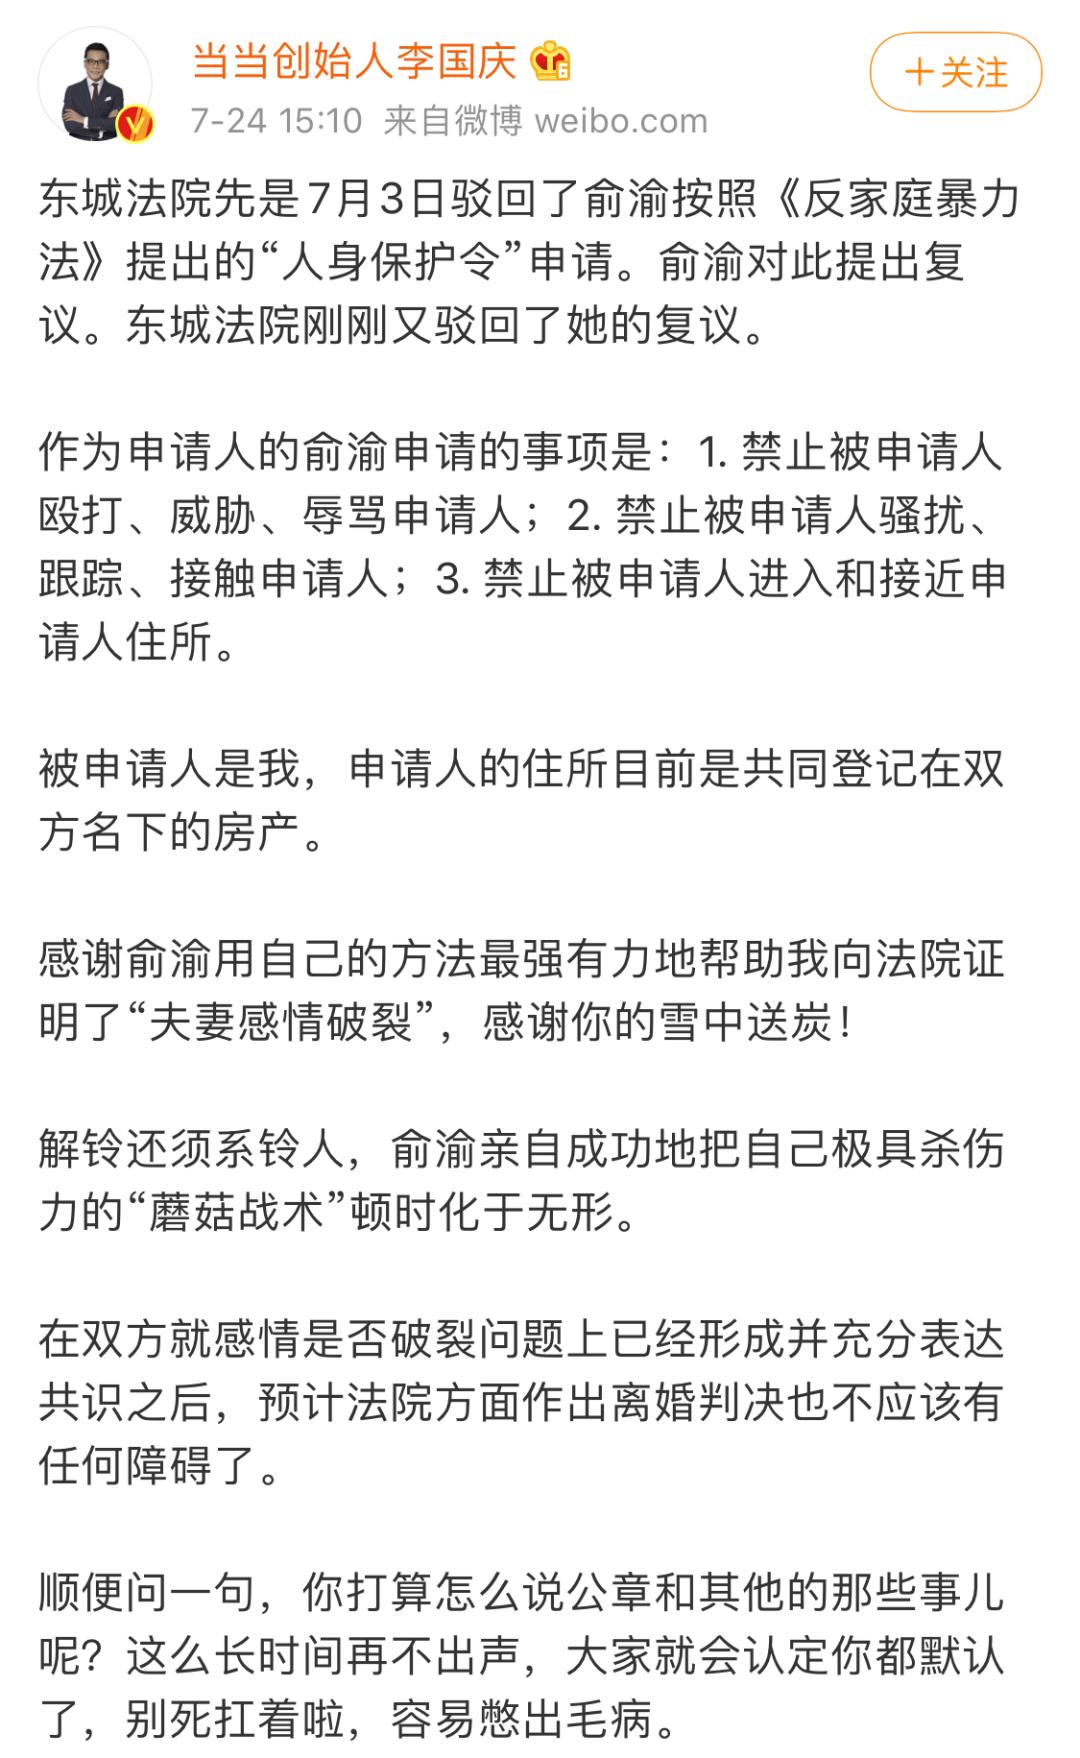 """当当""""庆渝年""""再起风波:李国庆威胁要杀妻?俞渝再次申请人身保护令"""